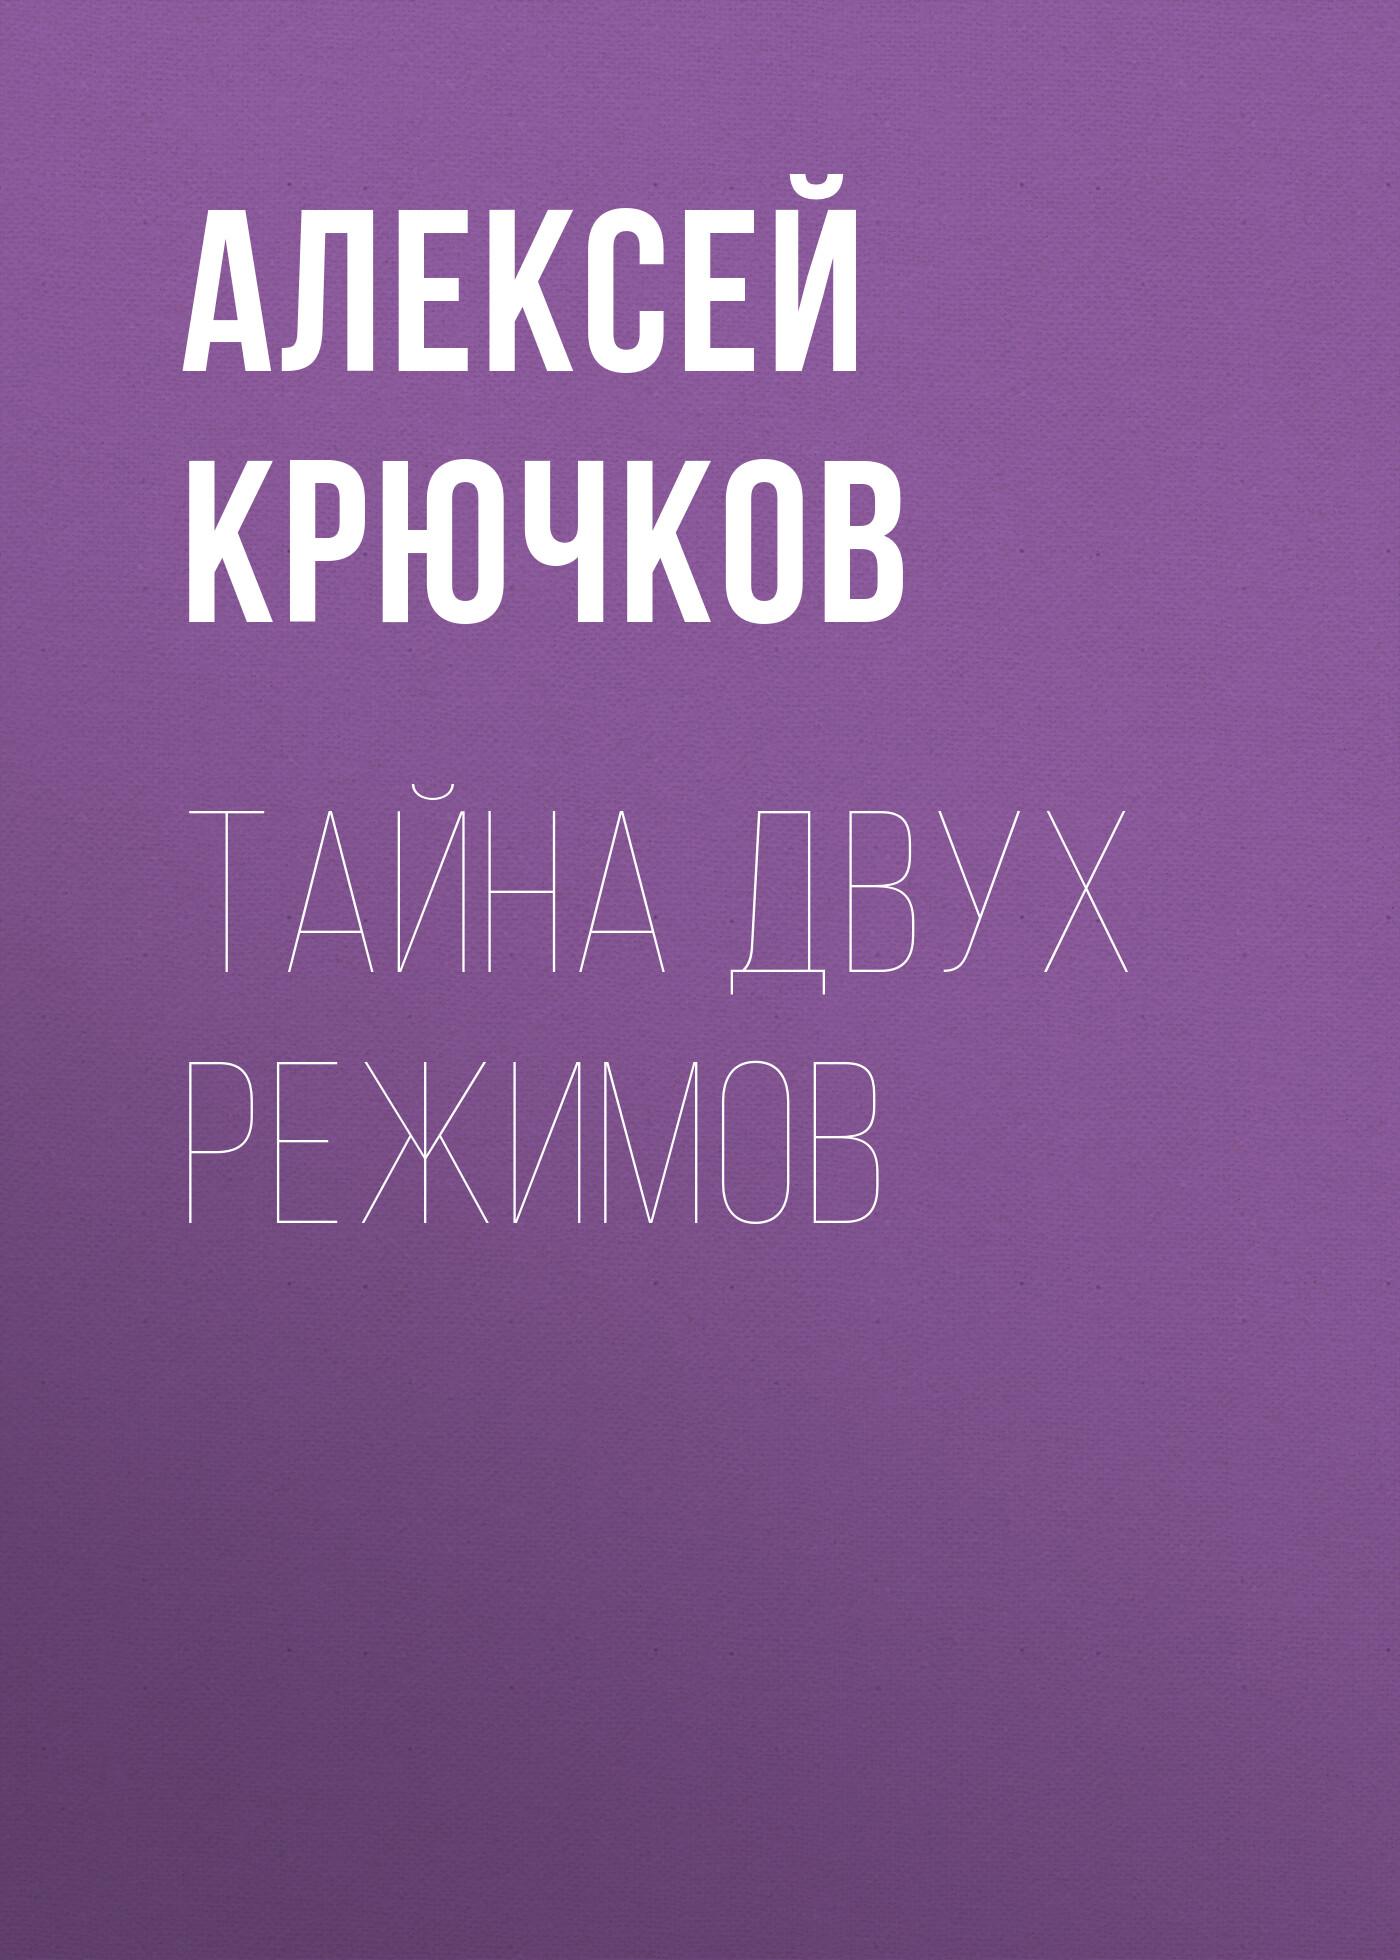 Отсутствует Гитлер vs Сталин. Тайна двух режимов гитлер vs сталин тайна двух режимов